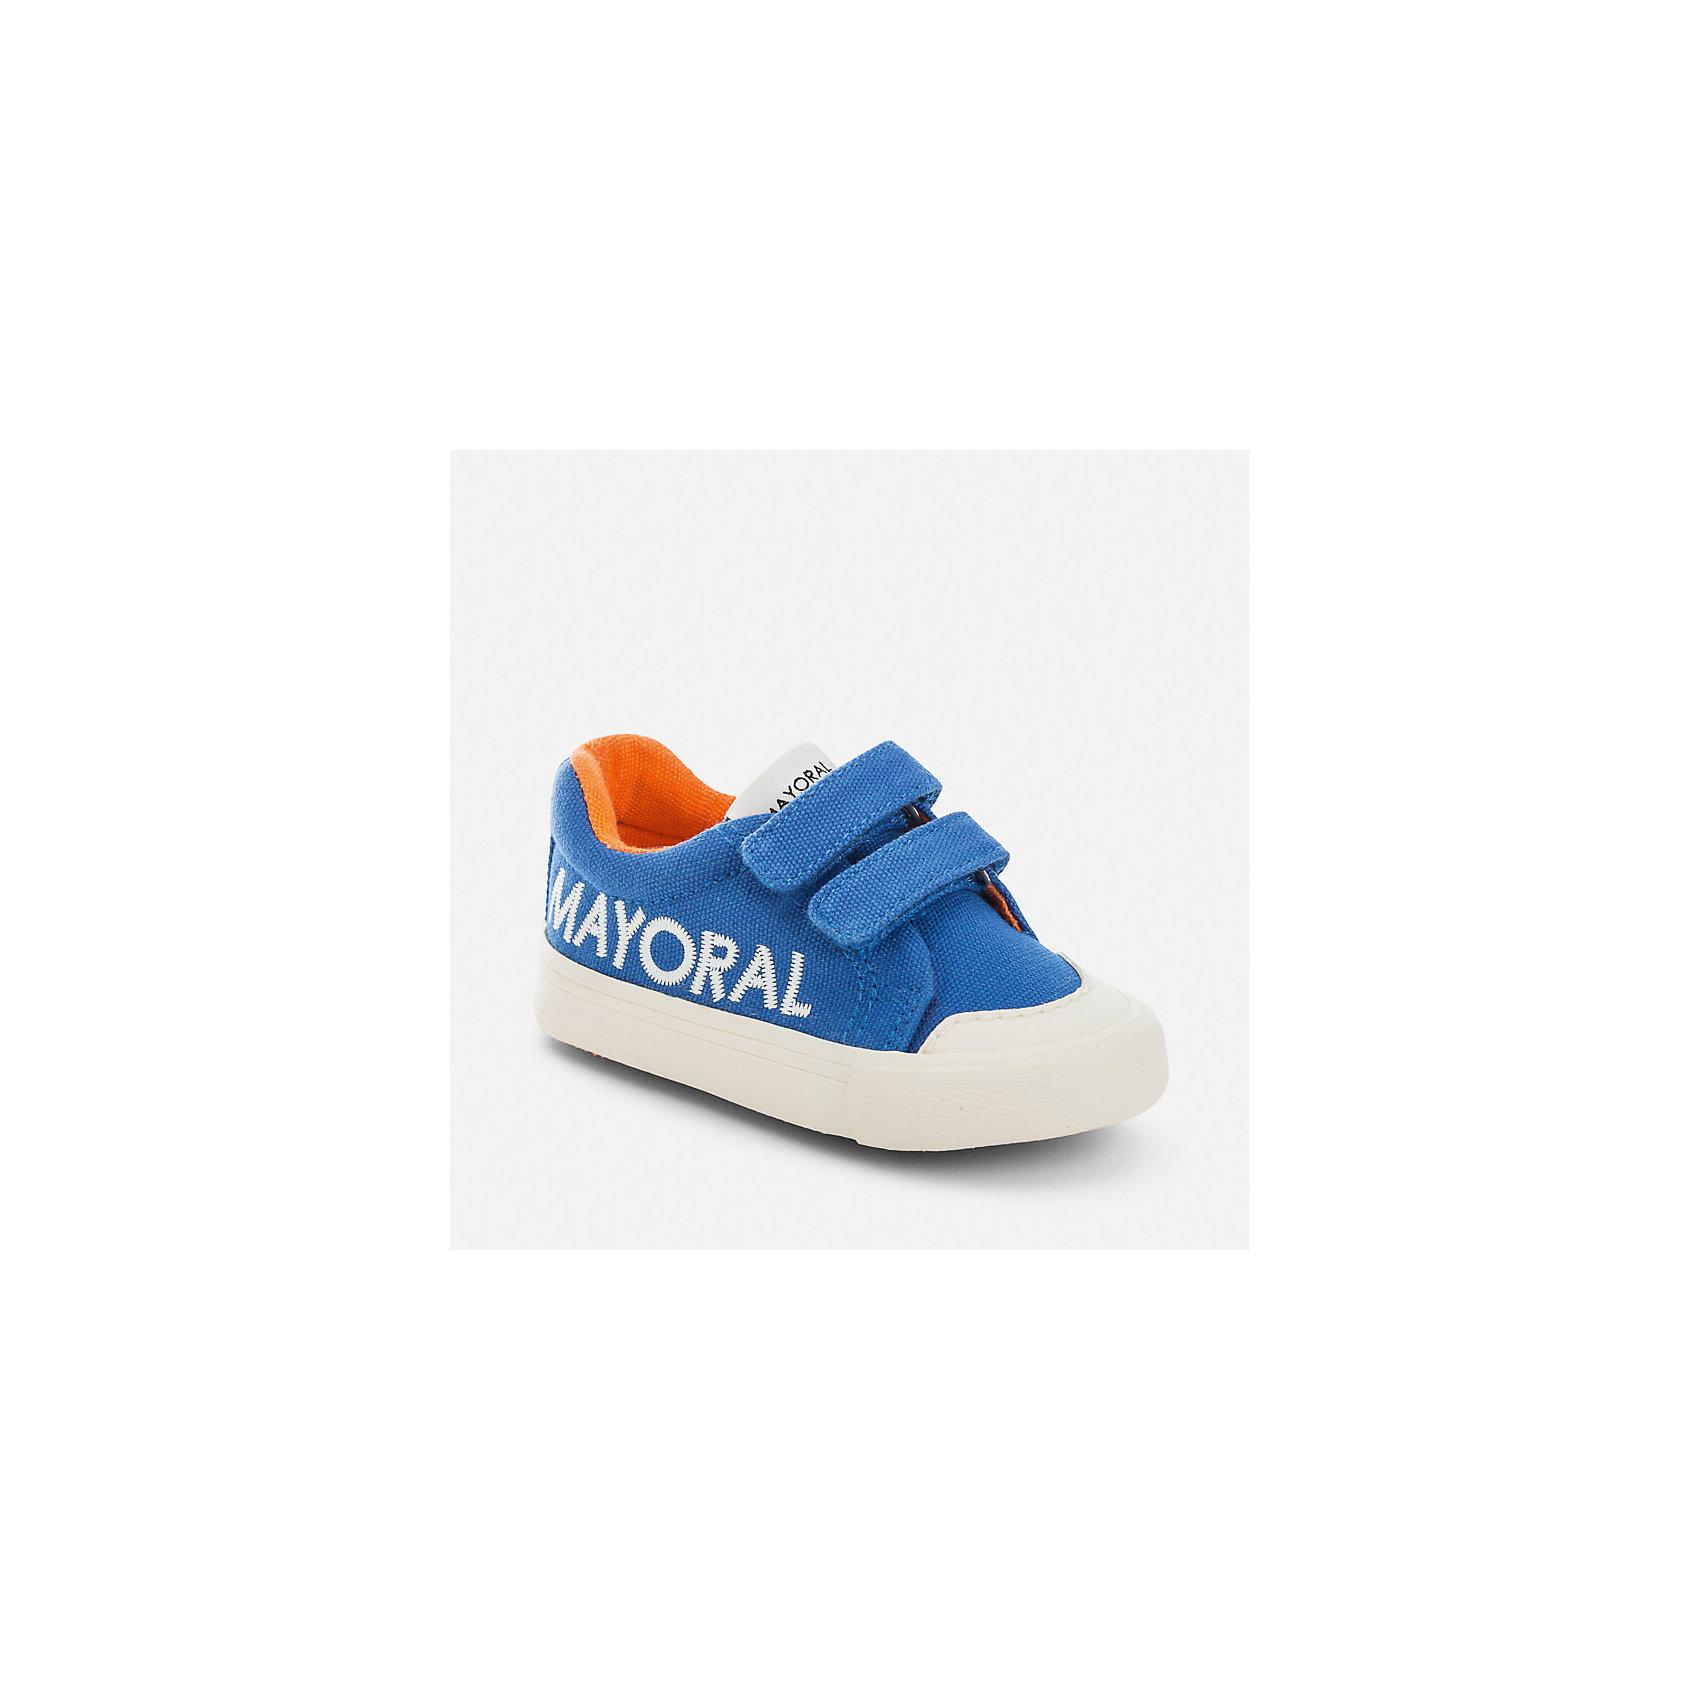 Кеды для мальчика MayoralКеды<br>Характеристики товара:<br><br>• цвет: голубой<br>• состав: верх, подкладка и стелька - текстиль, хлопок, подошва - резина<br>• застежка: липучки<br>• украшены вышивкой<br>• устойчивая подошва<br>• яркая подкладка<br>• страна бренда: Испания<br><br>Стильные кеды помогут обеспечить ребенку комфорт и дополнить наряд. Универсальный цвет позволяет надевать их под наряд разных расцветок. Кеды удобно сидят на ноге и красиво смотрятся. Они станут оригинальным акцентом в наряде!<br><br>Одежда, обувь и аксессуары от испанского бренда Mayoral полюбились детям и взрослым по всему миру. Модели этой марки - стильные и удобные. Для их производства используются только безопасные, качественные материалы и фурнитура. Порадуйте ребенка модными и красивыми вещами от Mayoral! <br><br>Кеды для мальчика от испанского бренда Mayoral (Майорал) можно купить в нашем интернет-магазине.<br><br>Ширина мм: 250<br>Глубина мм: 150<br>Высота мм: 150<br>Вес г: 250<br>Цвет: голубой<br>Возраст от месяцев: 24<br>Возраст до месяцев: 36<br>Пол: Мужской<br>Возраст: Детский<br>Размер: 26,30,22,23,24,25,27,28,29<br>SKU: 5294578